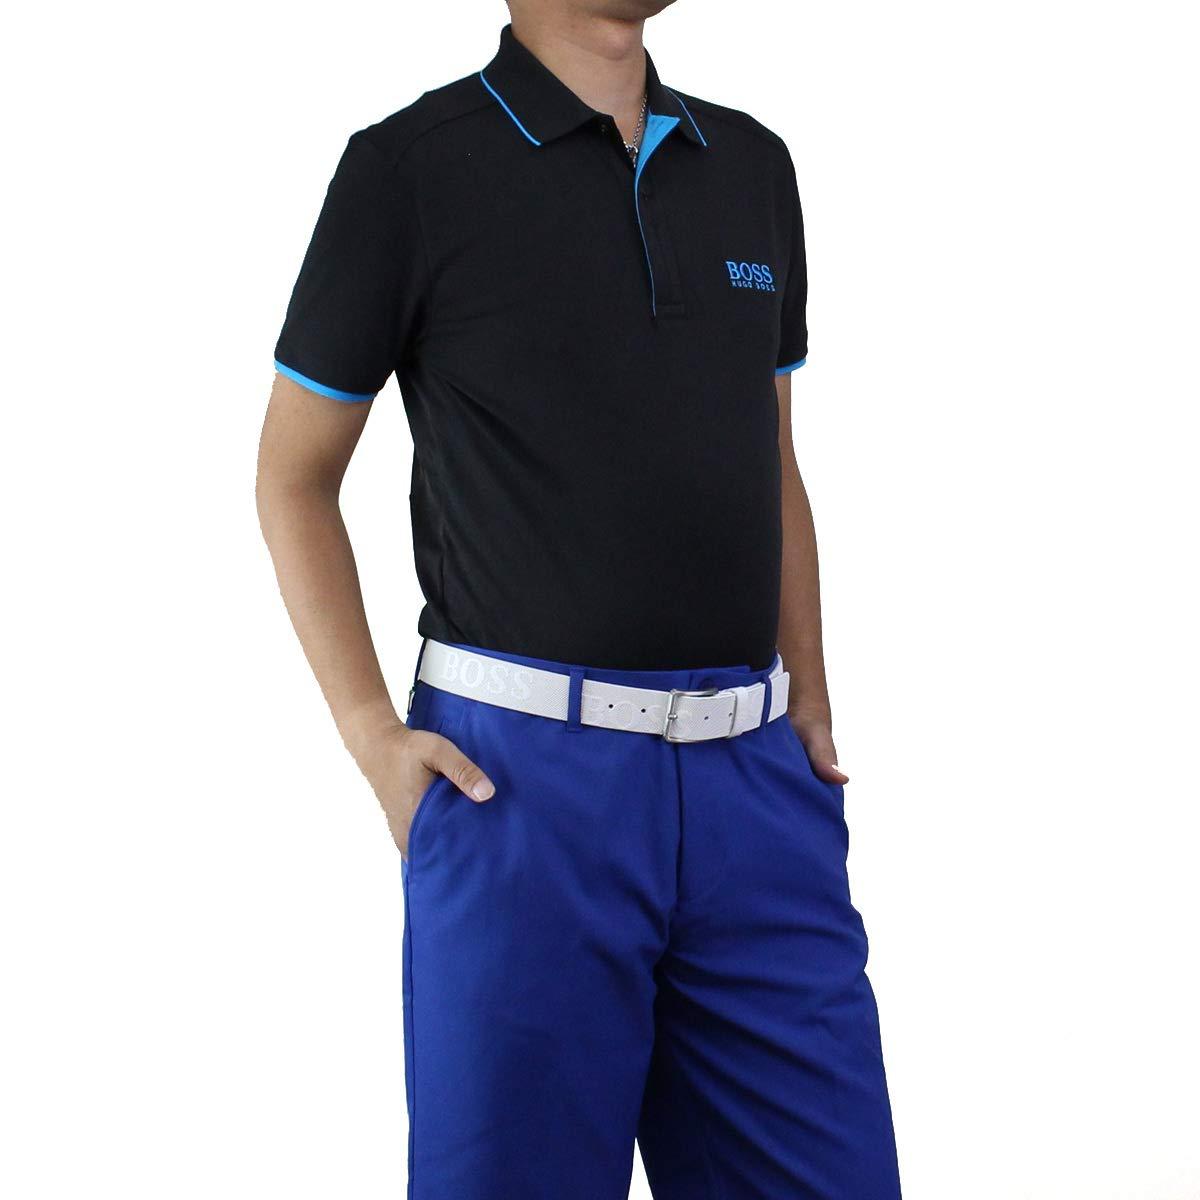 ヒューゴ ボス HUGO BOSS PAULE PRO 1 ポール プロ1 ポロシャツ 半袖 ゴルフウェア 50403533 10214421 001-JM ブラック サイズ:#L [並行輸入品]   B07SZ42XWL